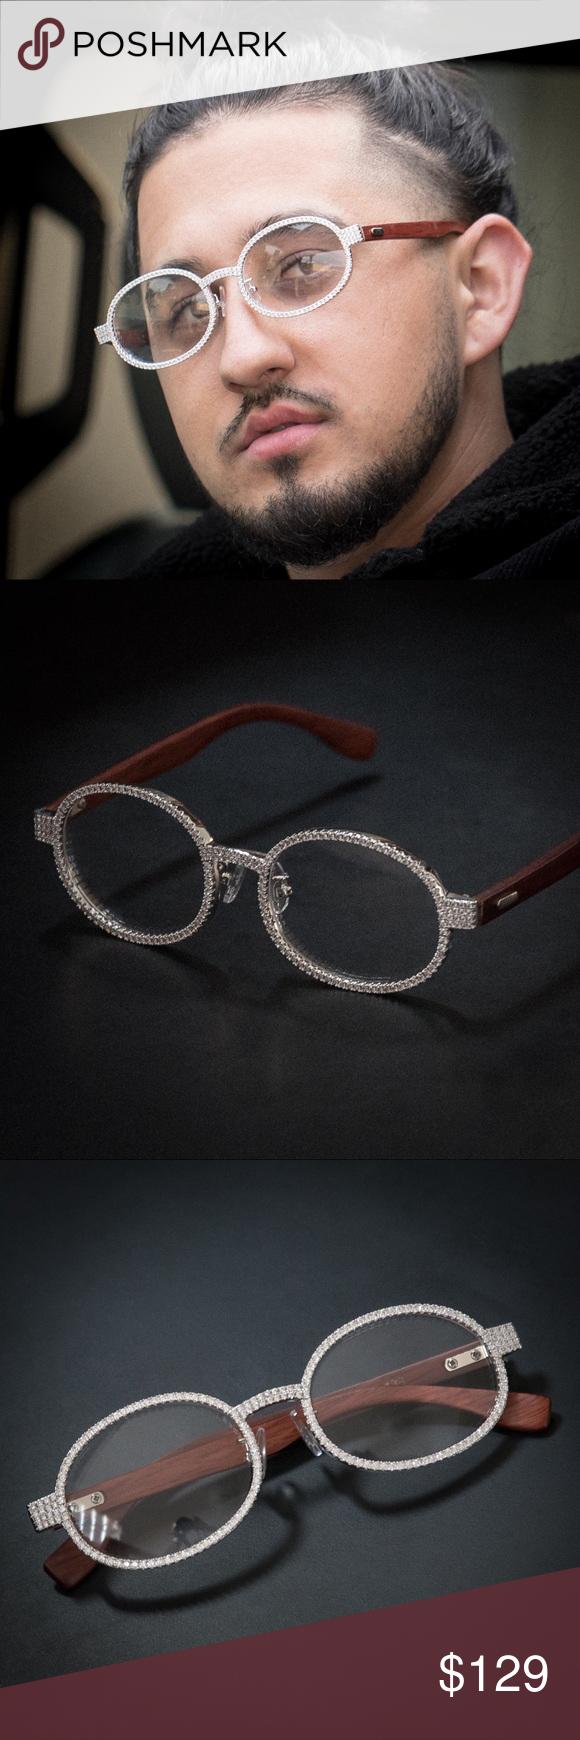 2d15645b7fdd Men s Silver Clear Lens Wood Frame Glasses Men s Silver Clear Lens Wood Frame  Glasses Plating  White Gold Frame Material  Wood Brass Lens Width  49mm  Lens ...